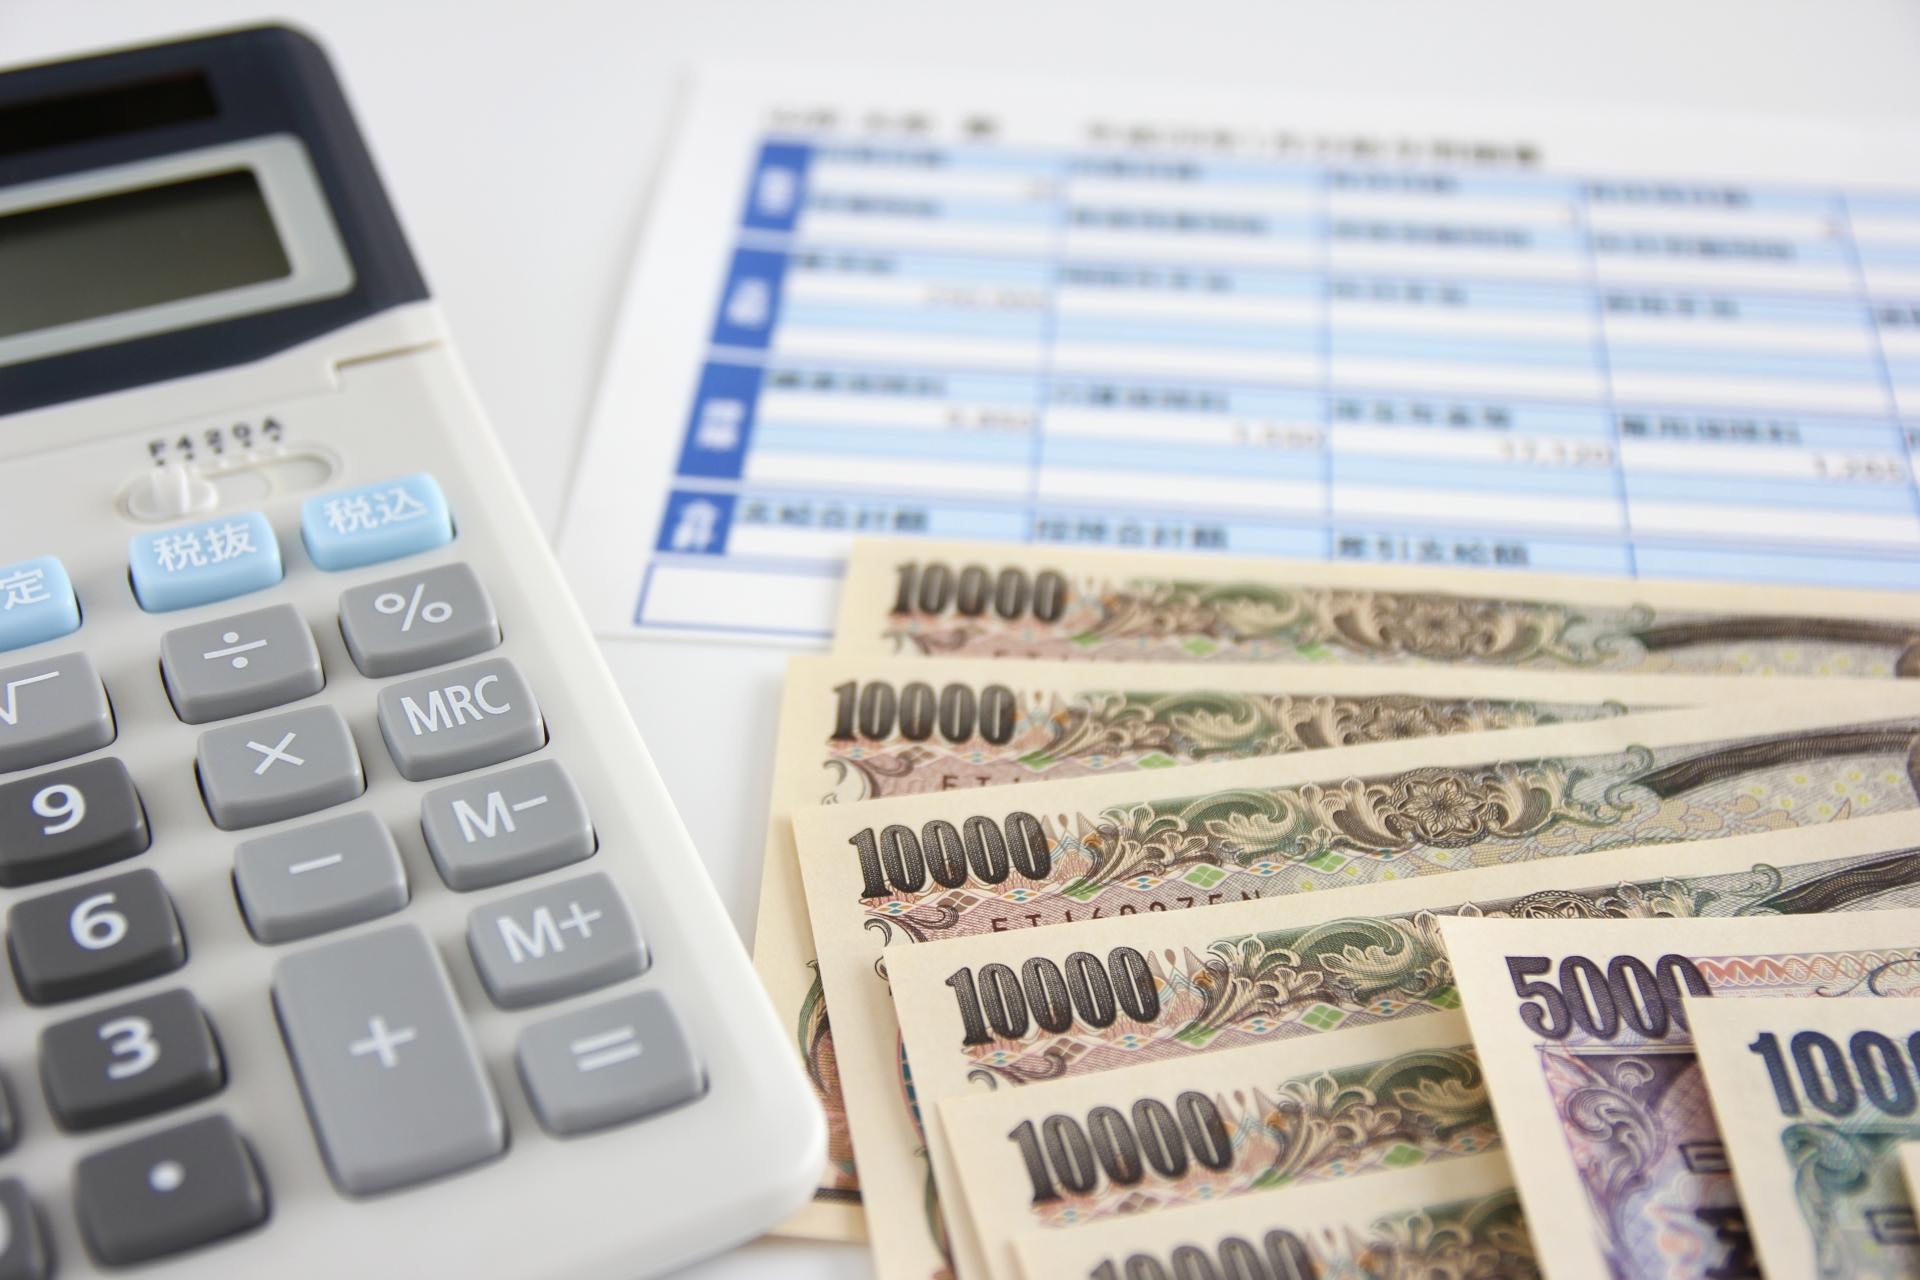 「厚生年金保険料」の仕組みとは?保険料の計算や納付方法を知ろう